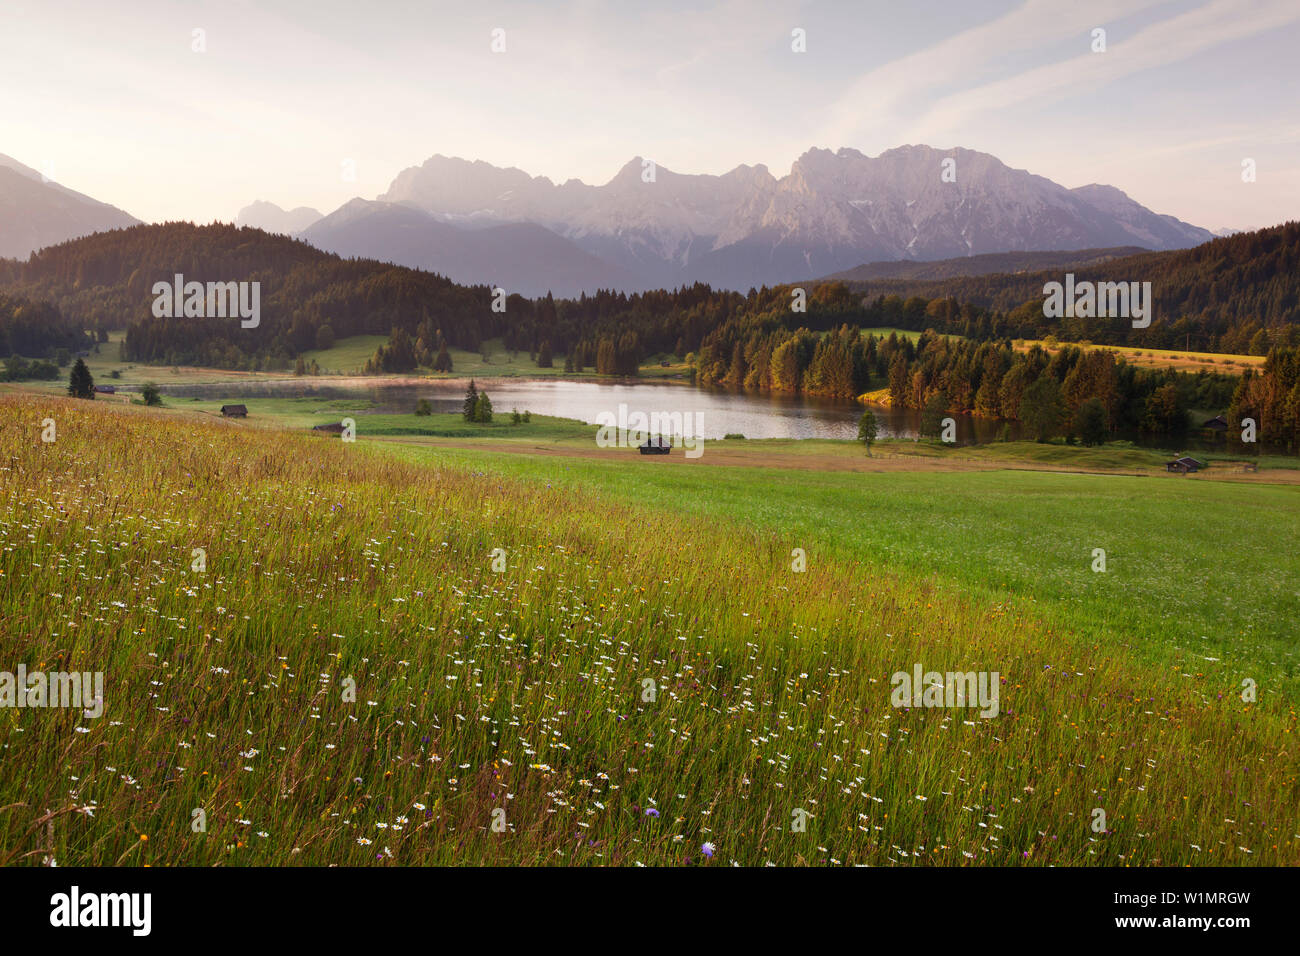 Meadow at Geroldsee, view to Karwendel, Werdenfels region, Bavaria, Germany - Stock Image